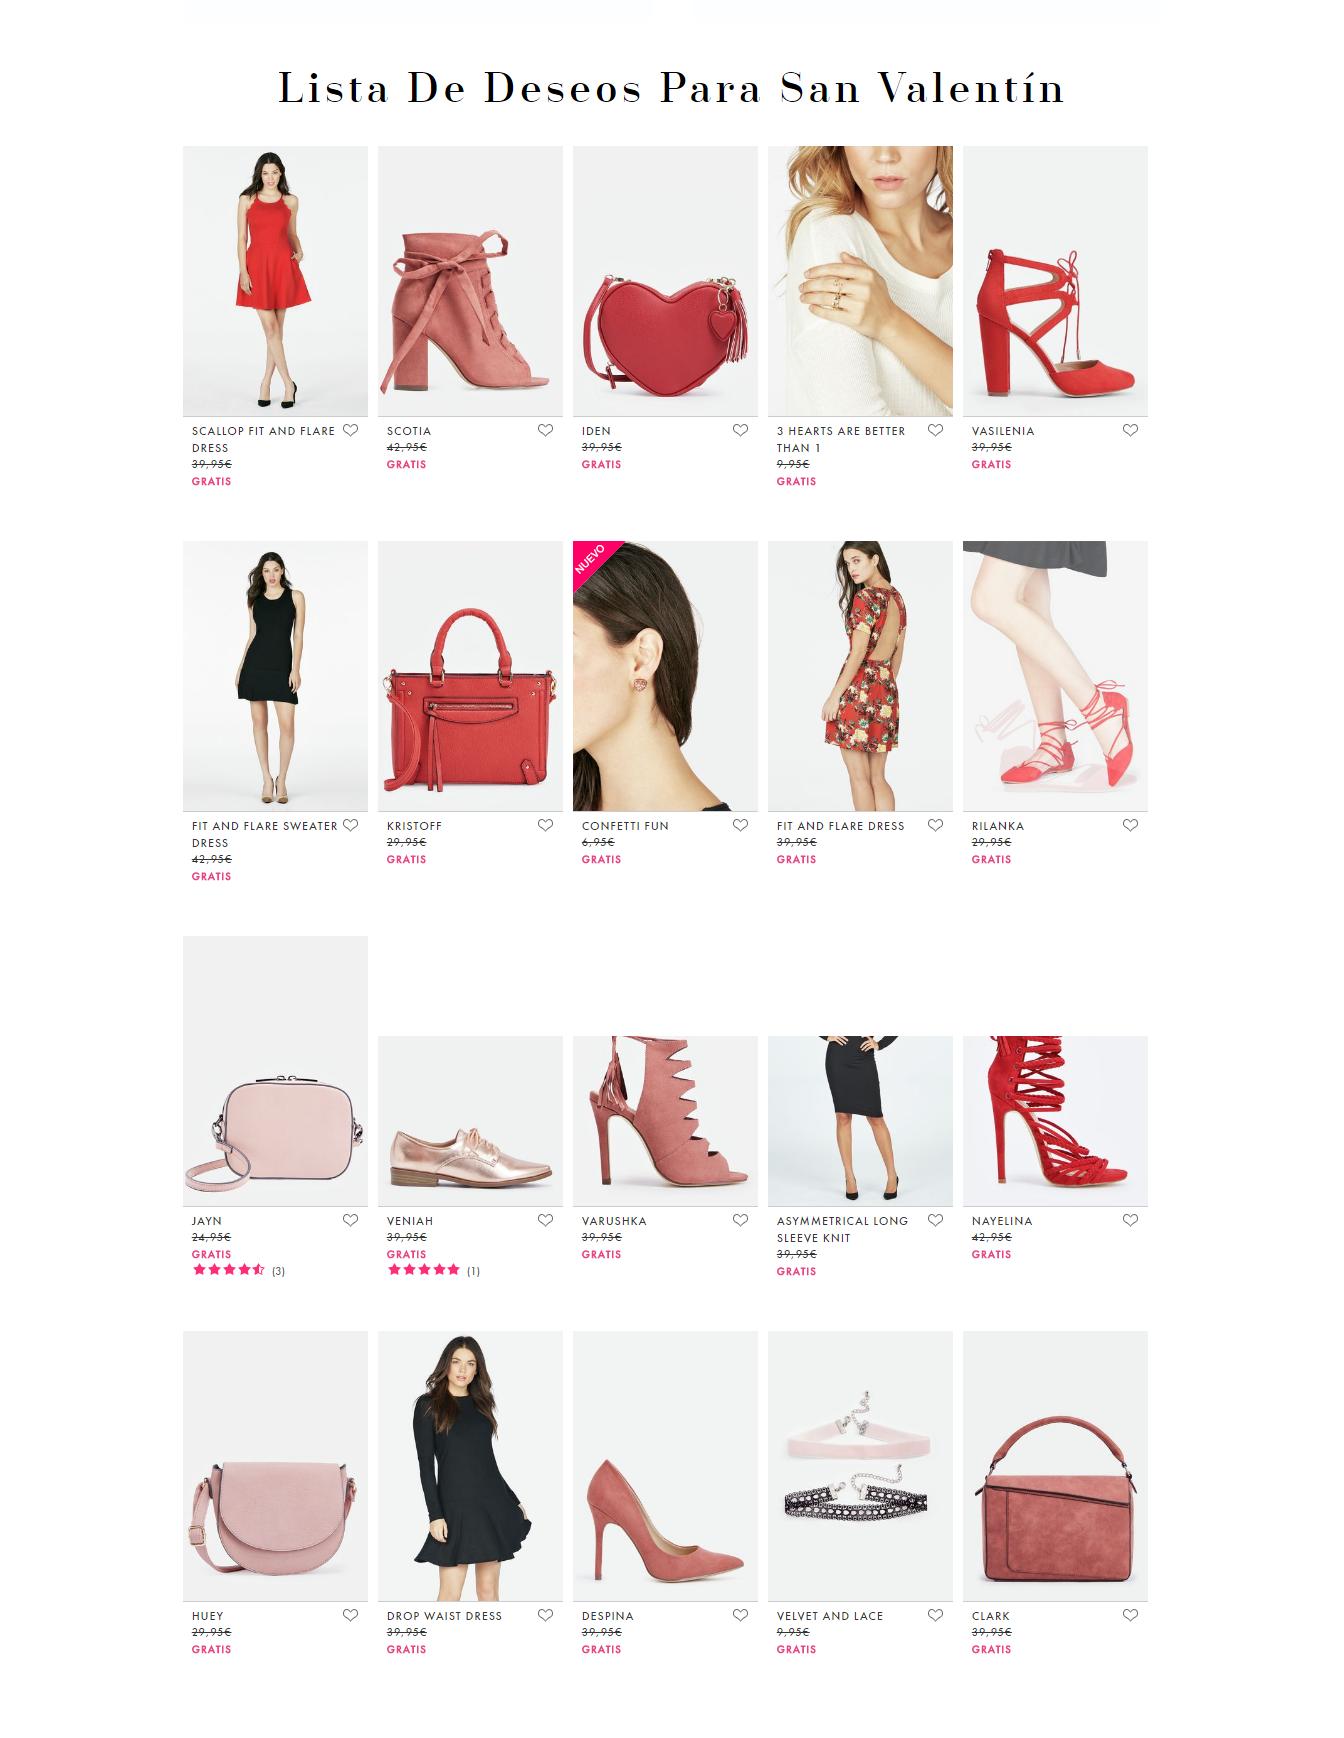 acciones marketing san valentin - lista deseos JustFab